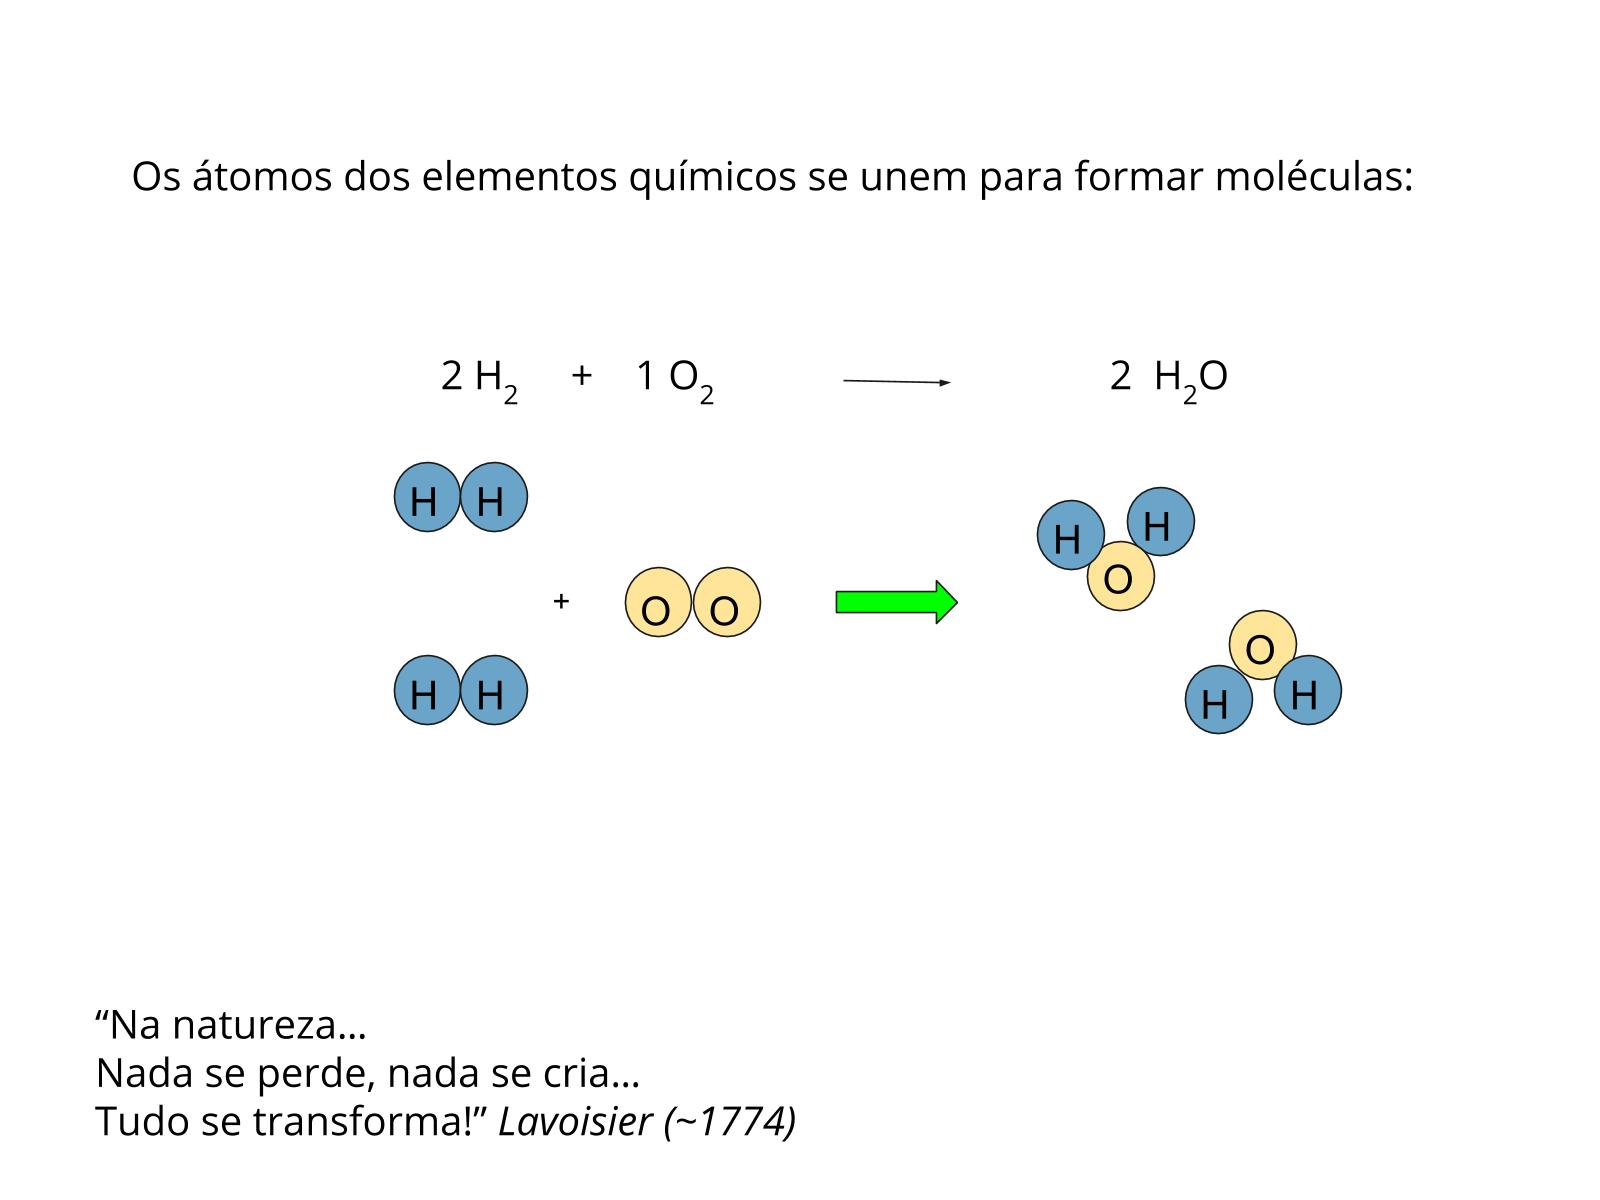 Átomos, elementos químicos e as transformações da matéria